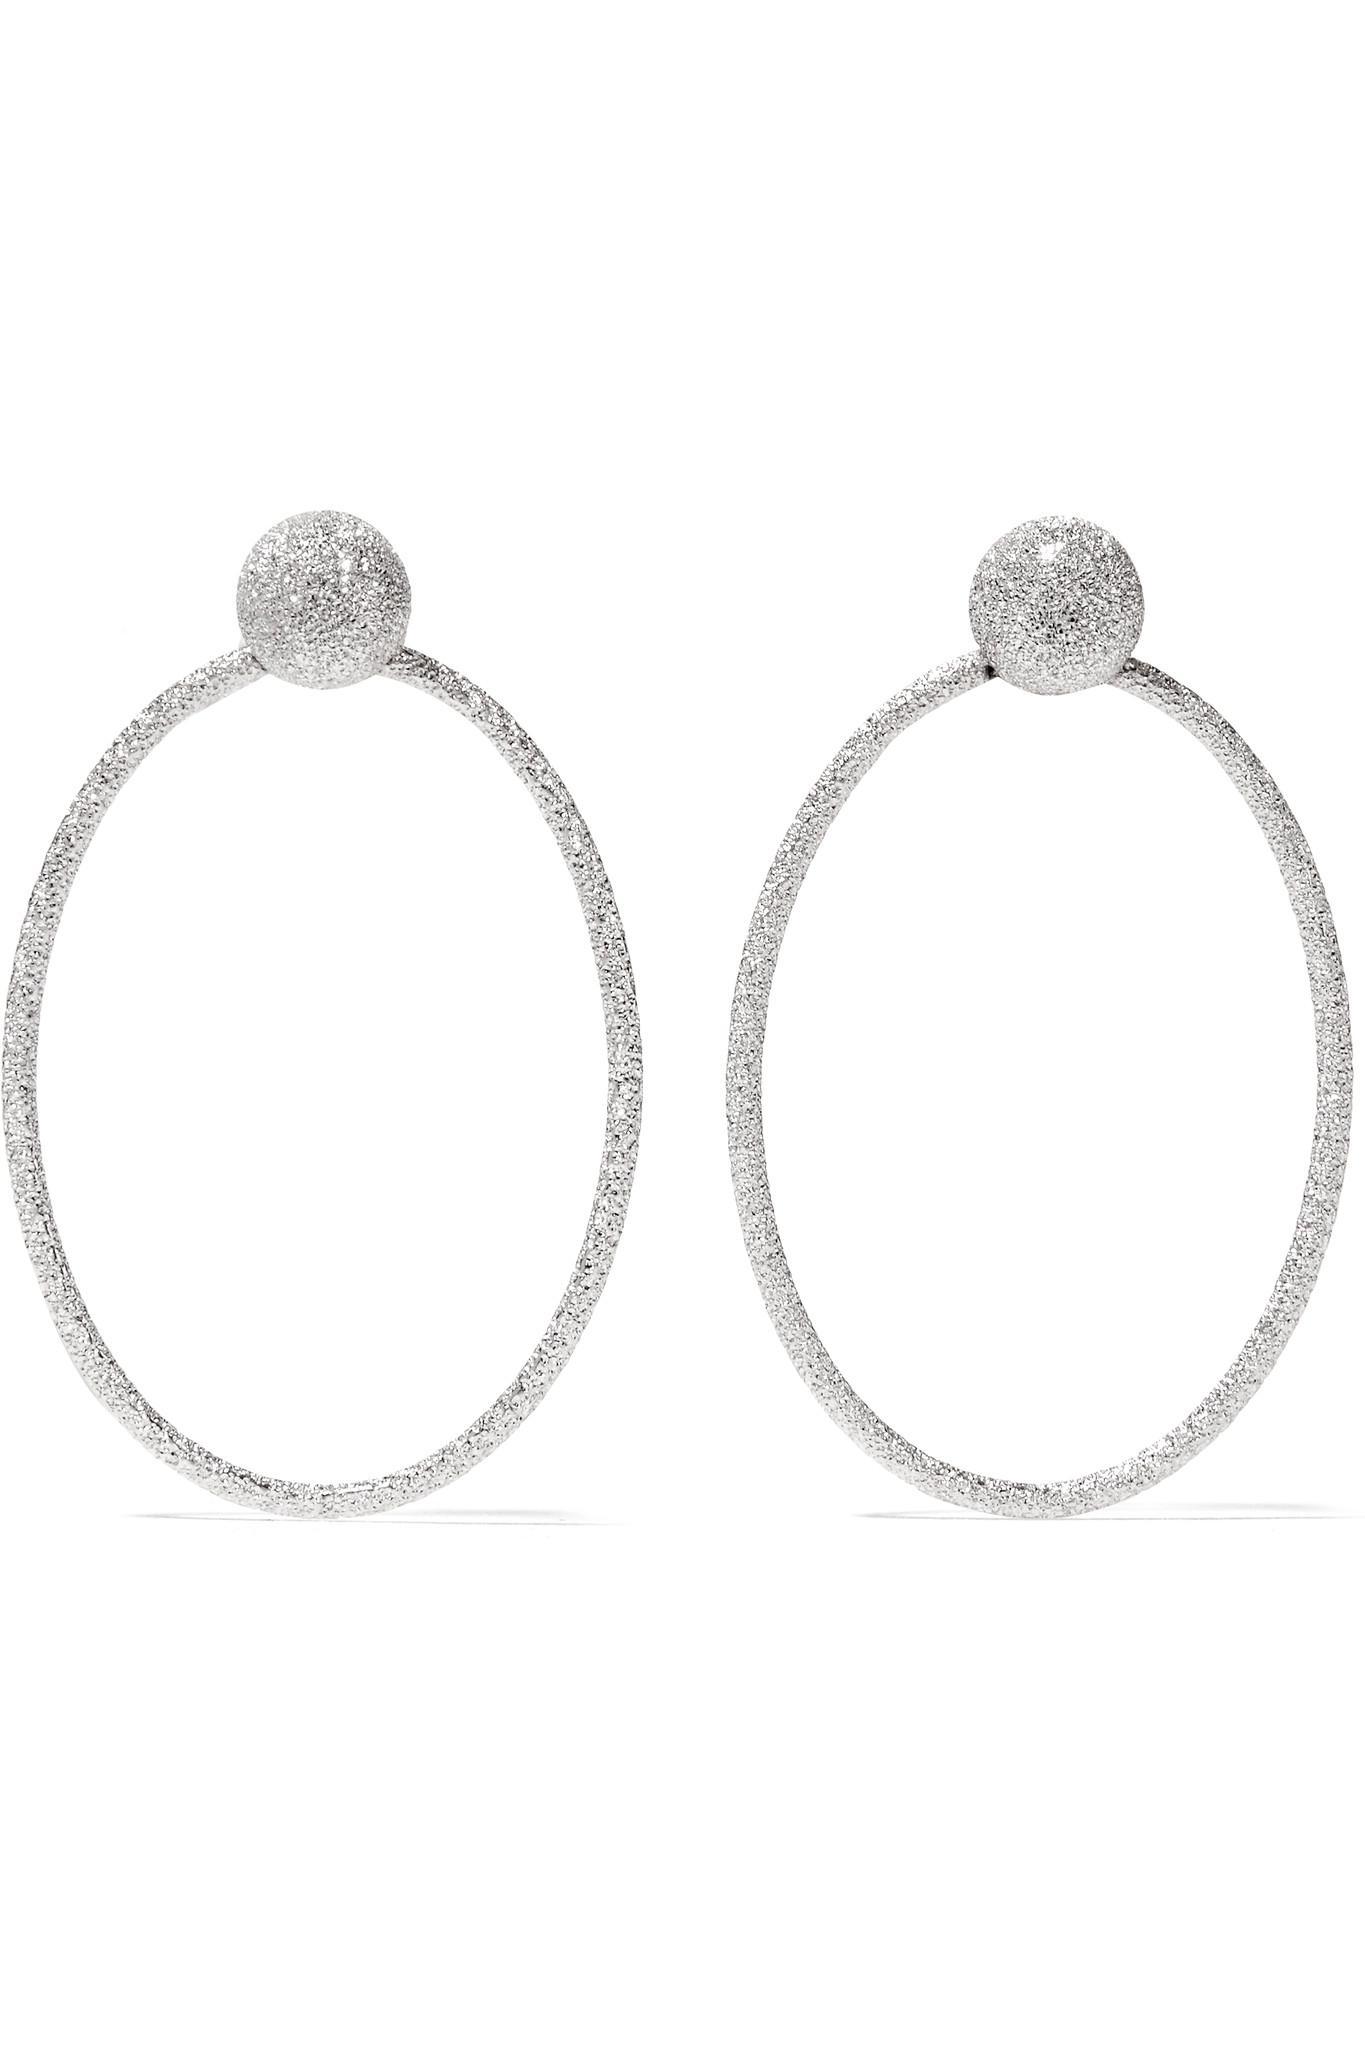 Carolina Bucci Florentine 18-karat White Gold Ring rEBRsOUt